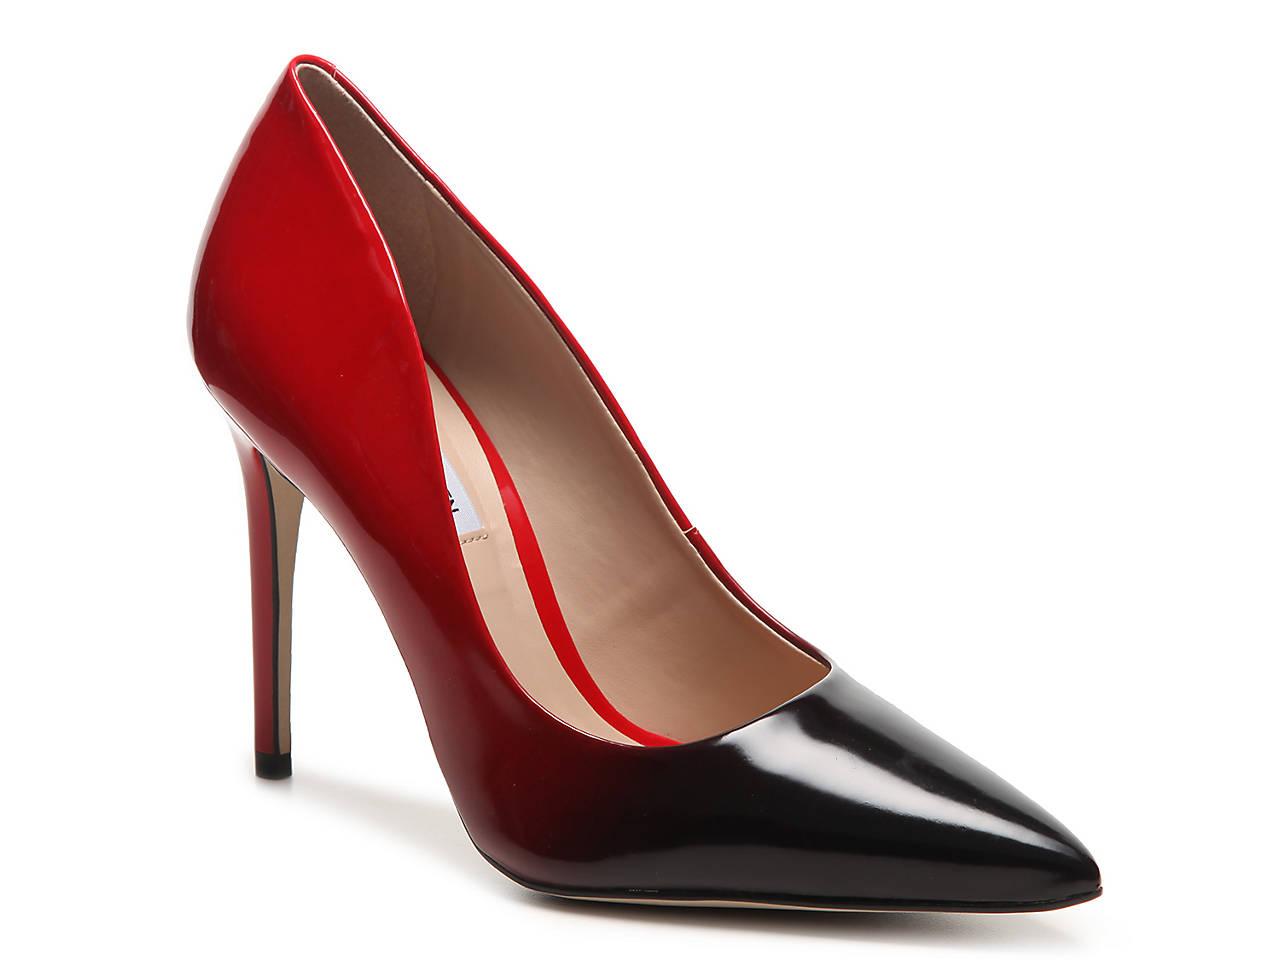 d11ac1d796b Steve Madden Zoey Pump Women s Shoes